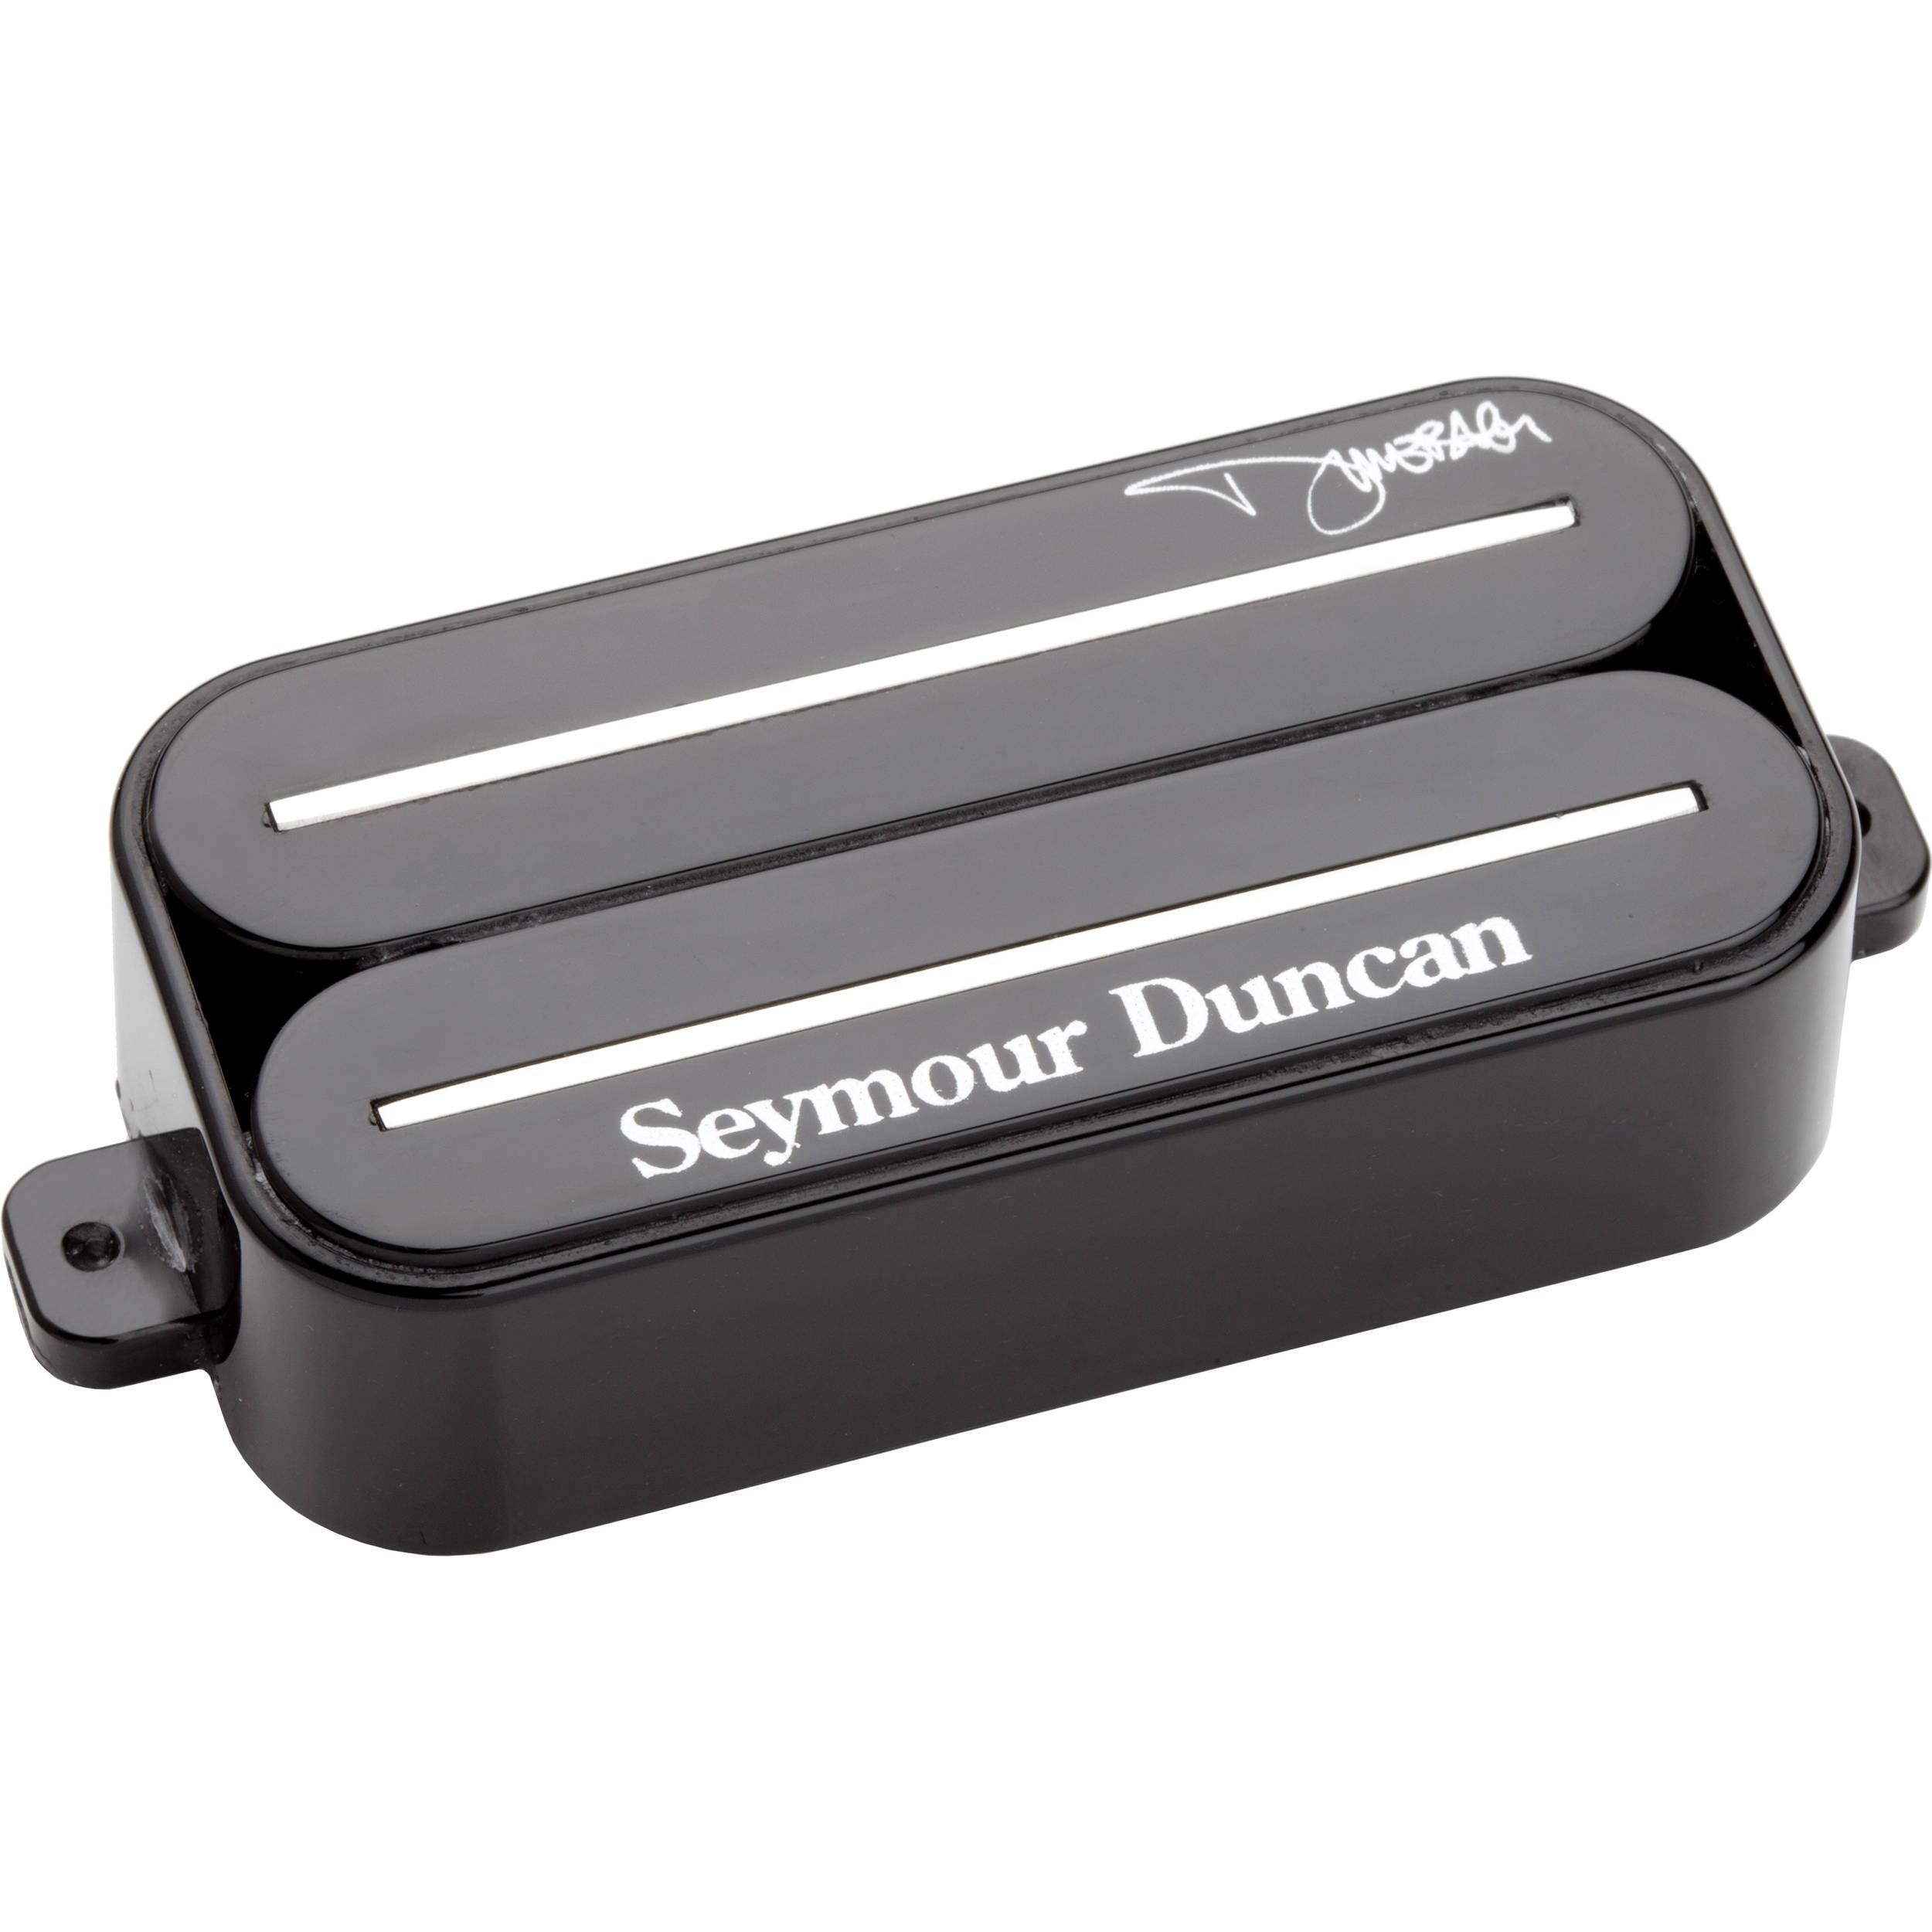 Seymour Duncan SH-13 Dimebucker Signature Humbucker 11102-82-B